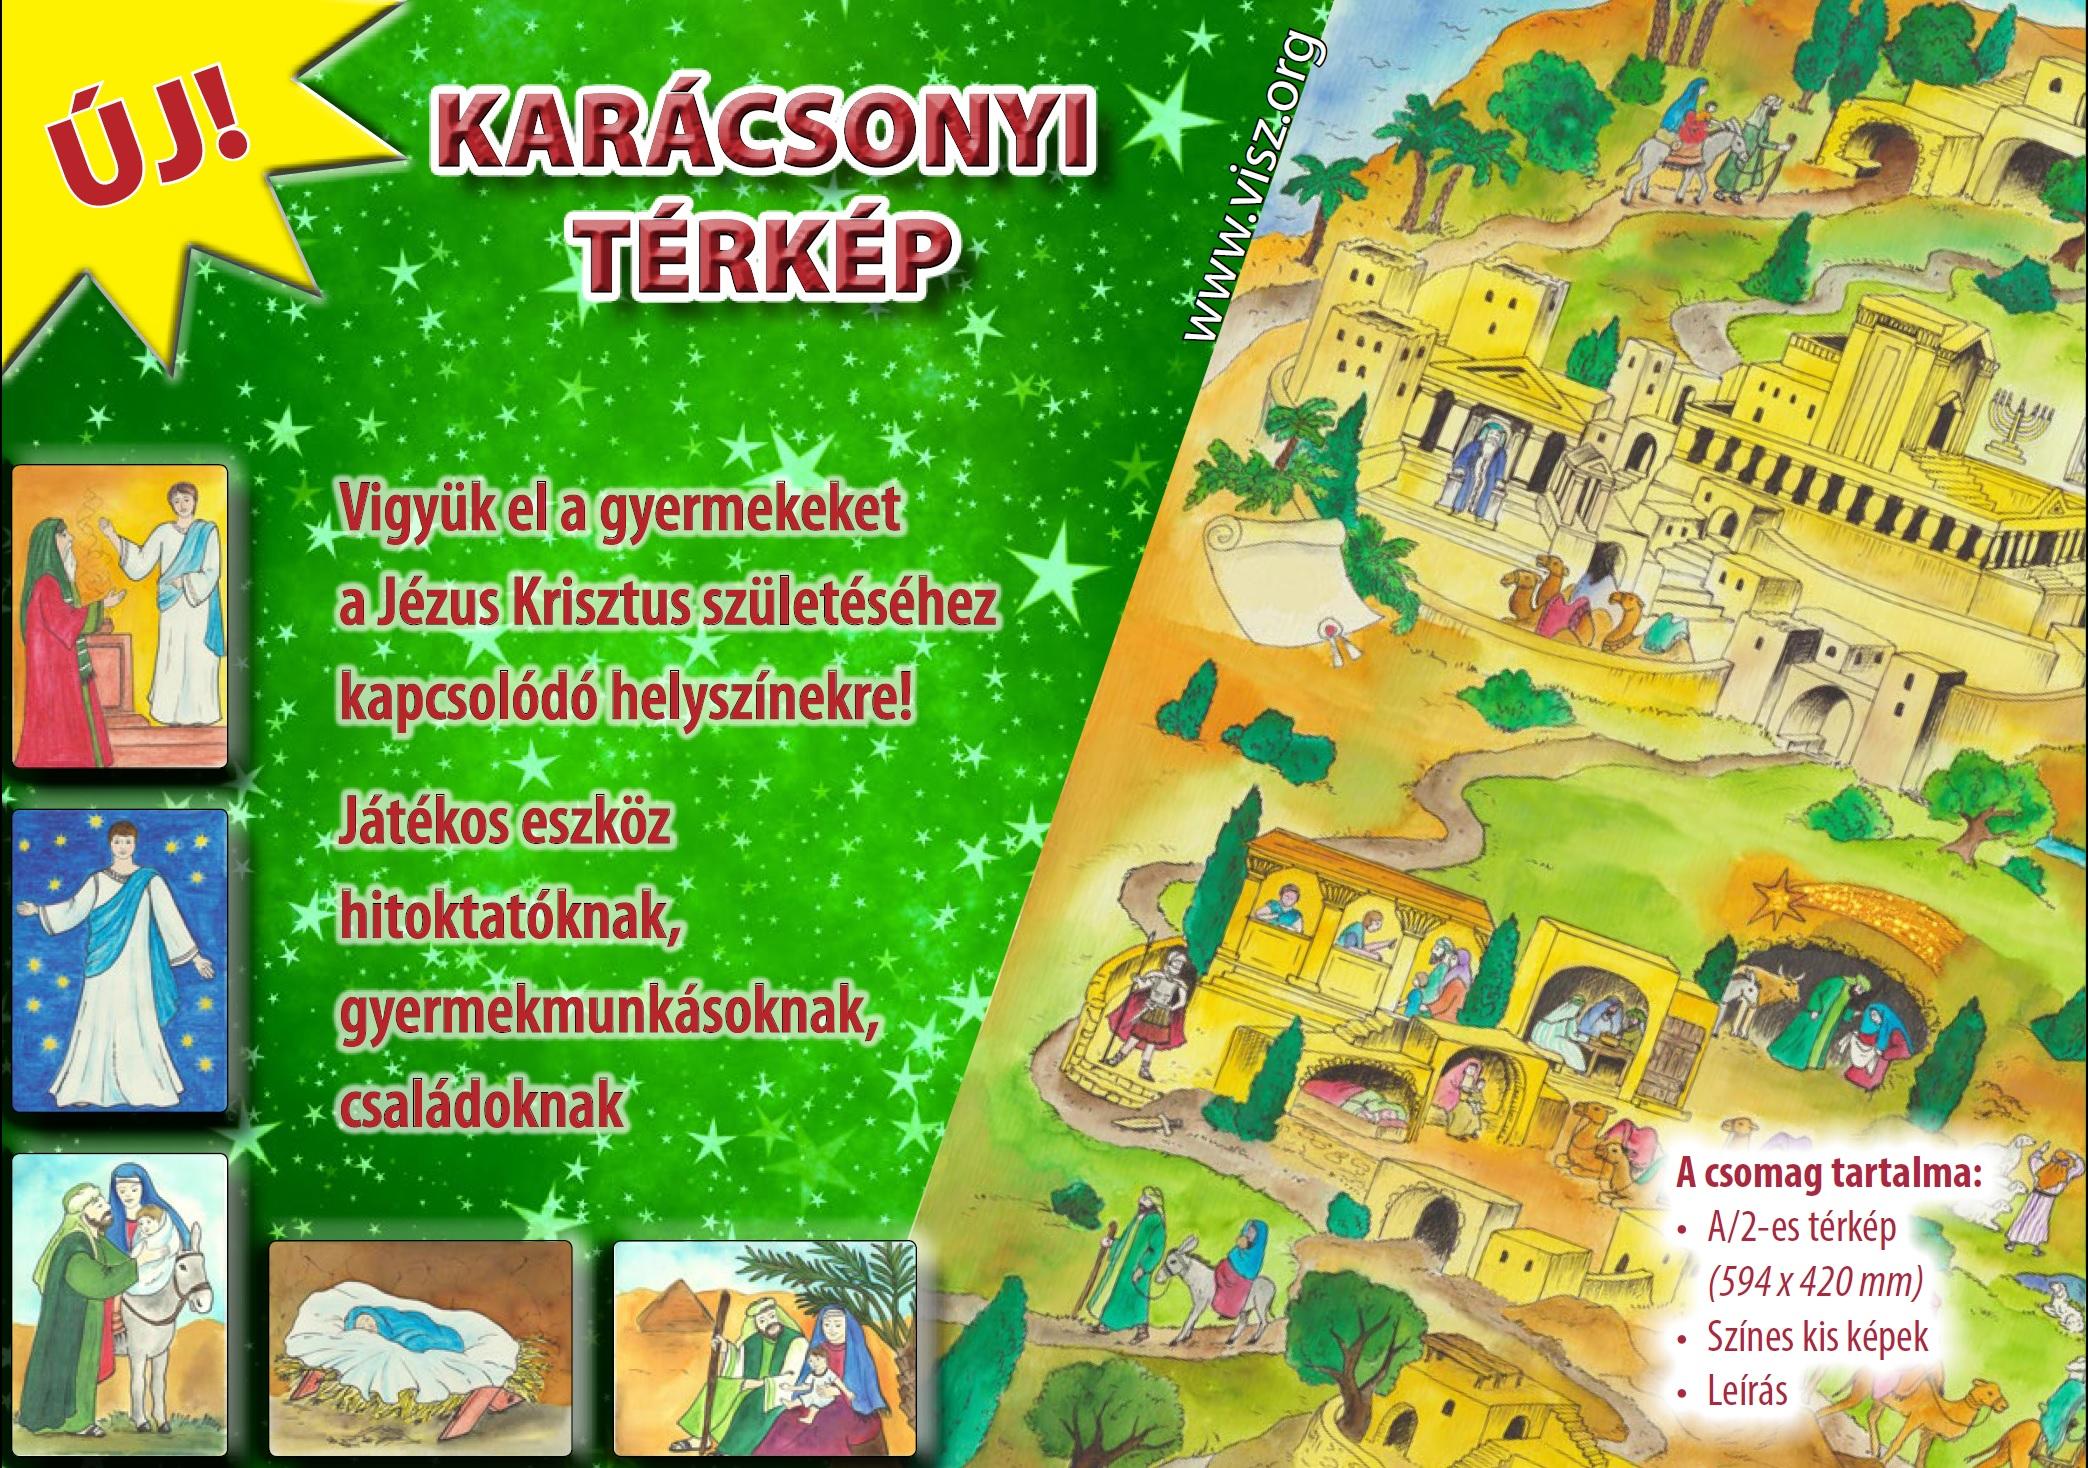 Karácsonyi térkép reklam